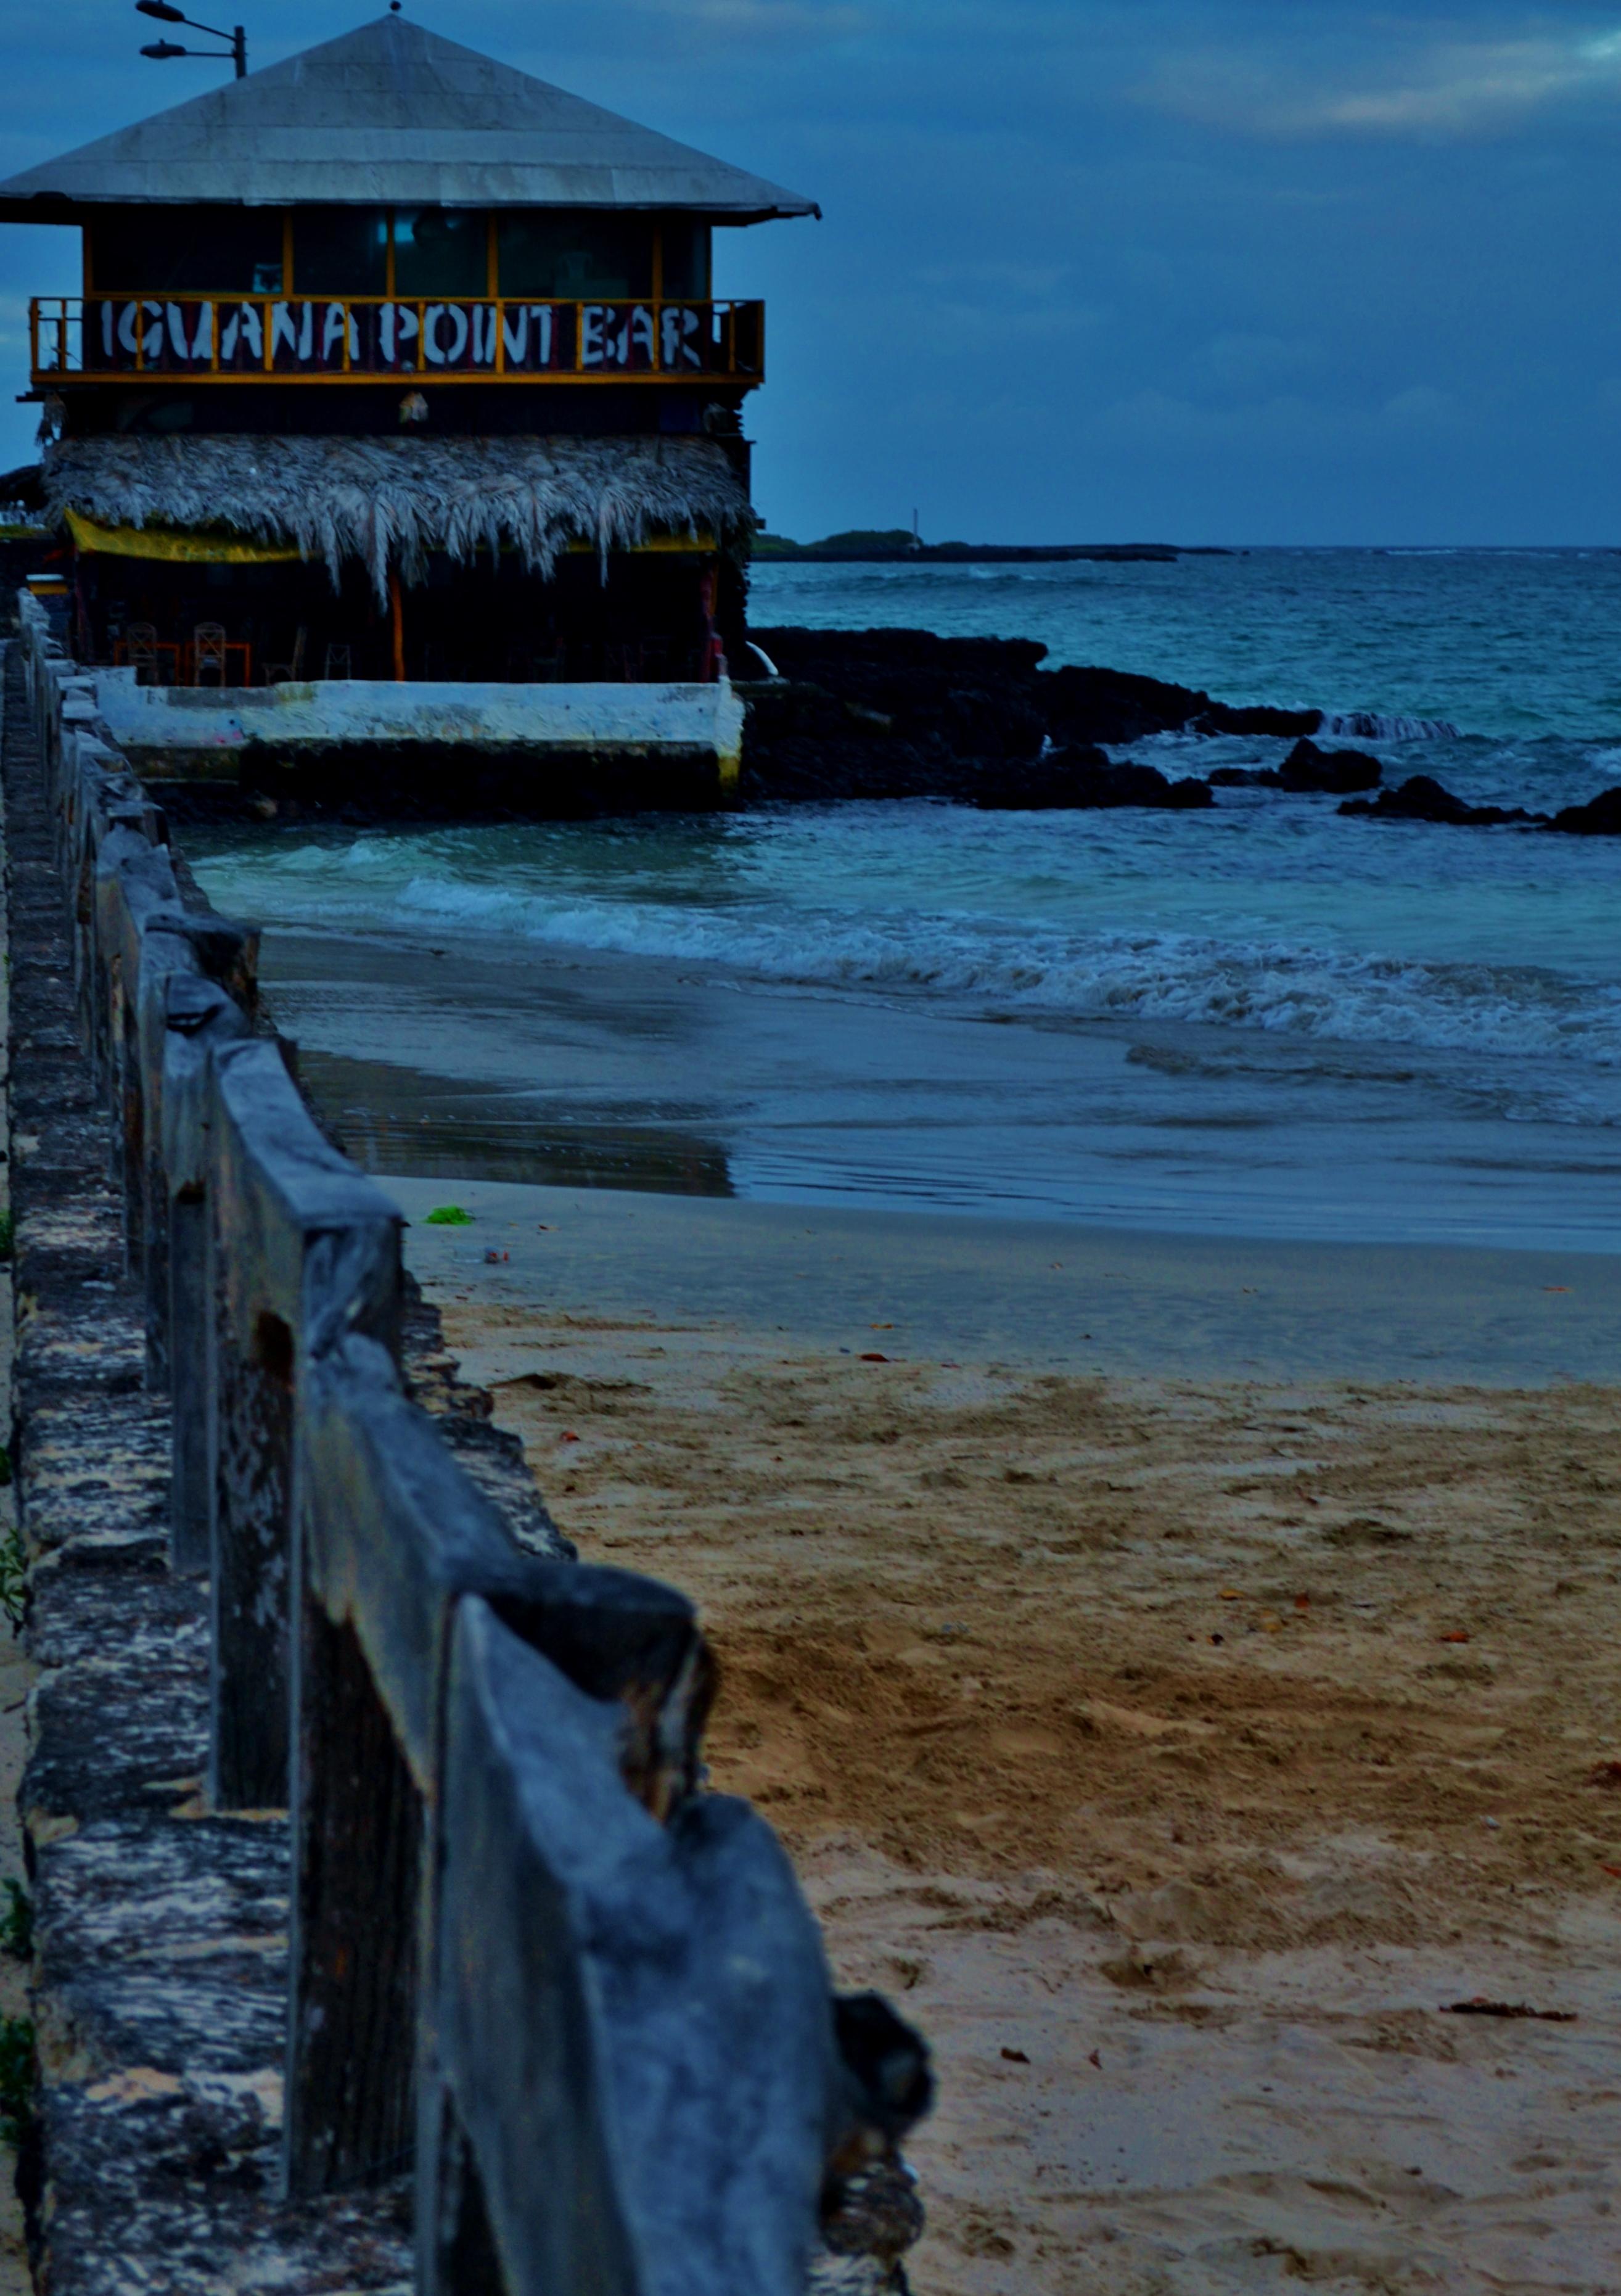 Islas de Galapagos isabela iguana bar